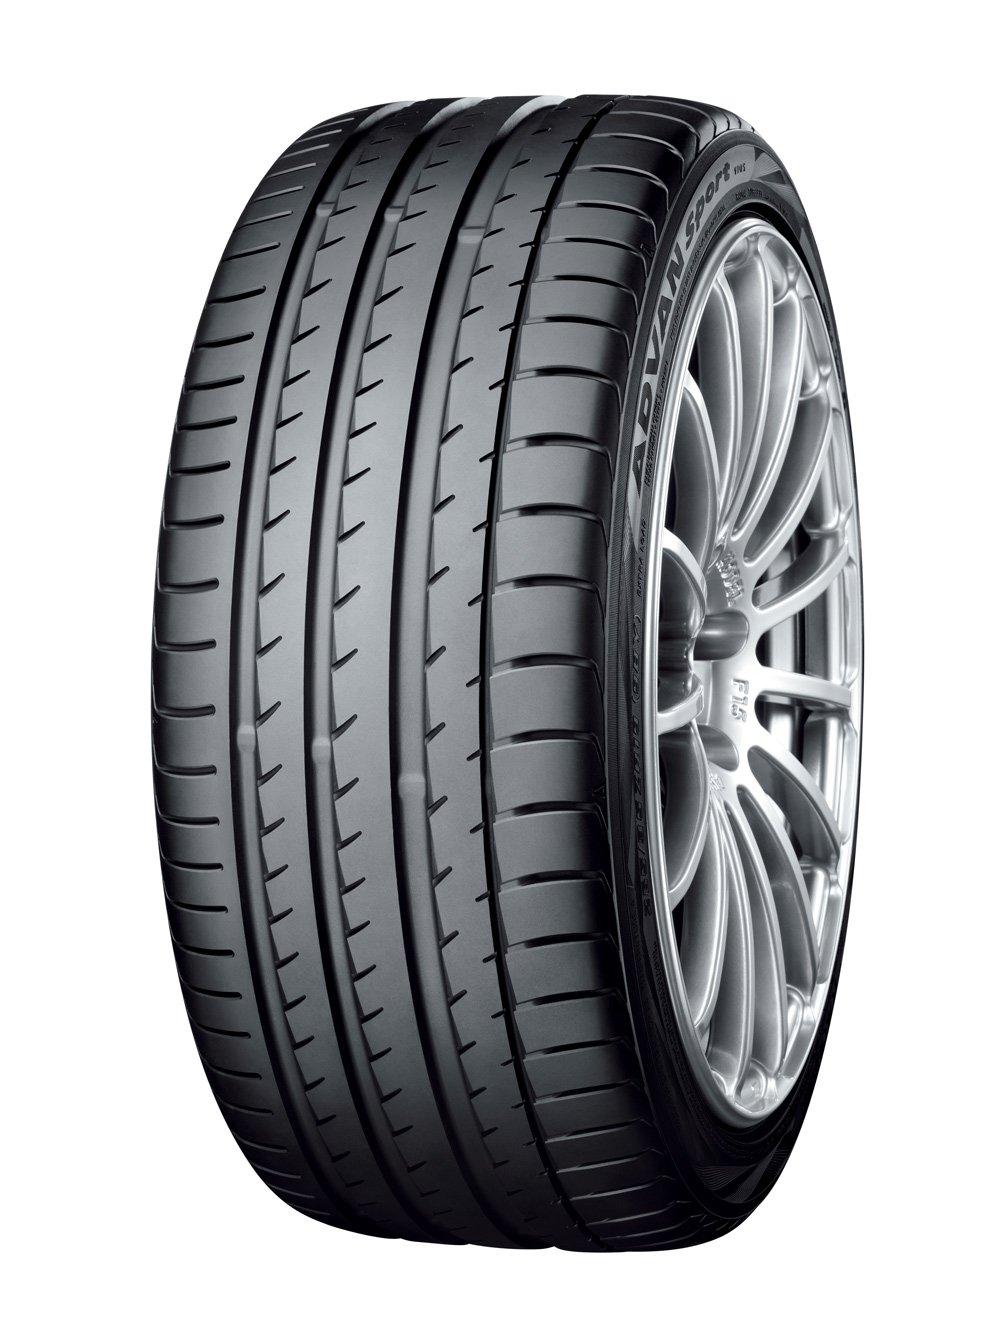 ヨコハマ(YOKOHAMA) サマータイヤ ADVAN Sport V105F 225/40R18 F9021 B073FBPGZS